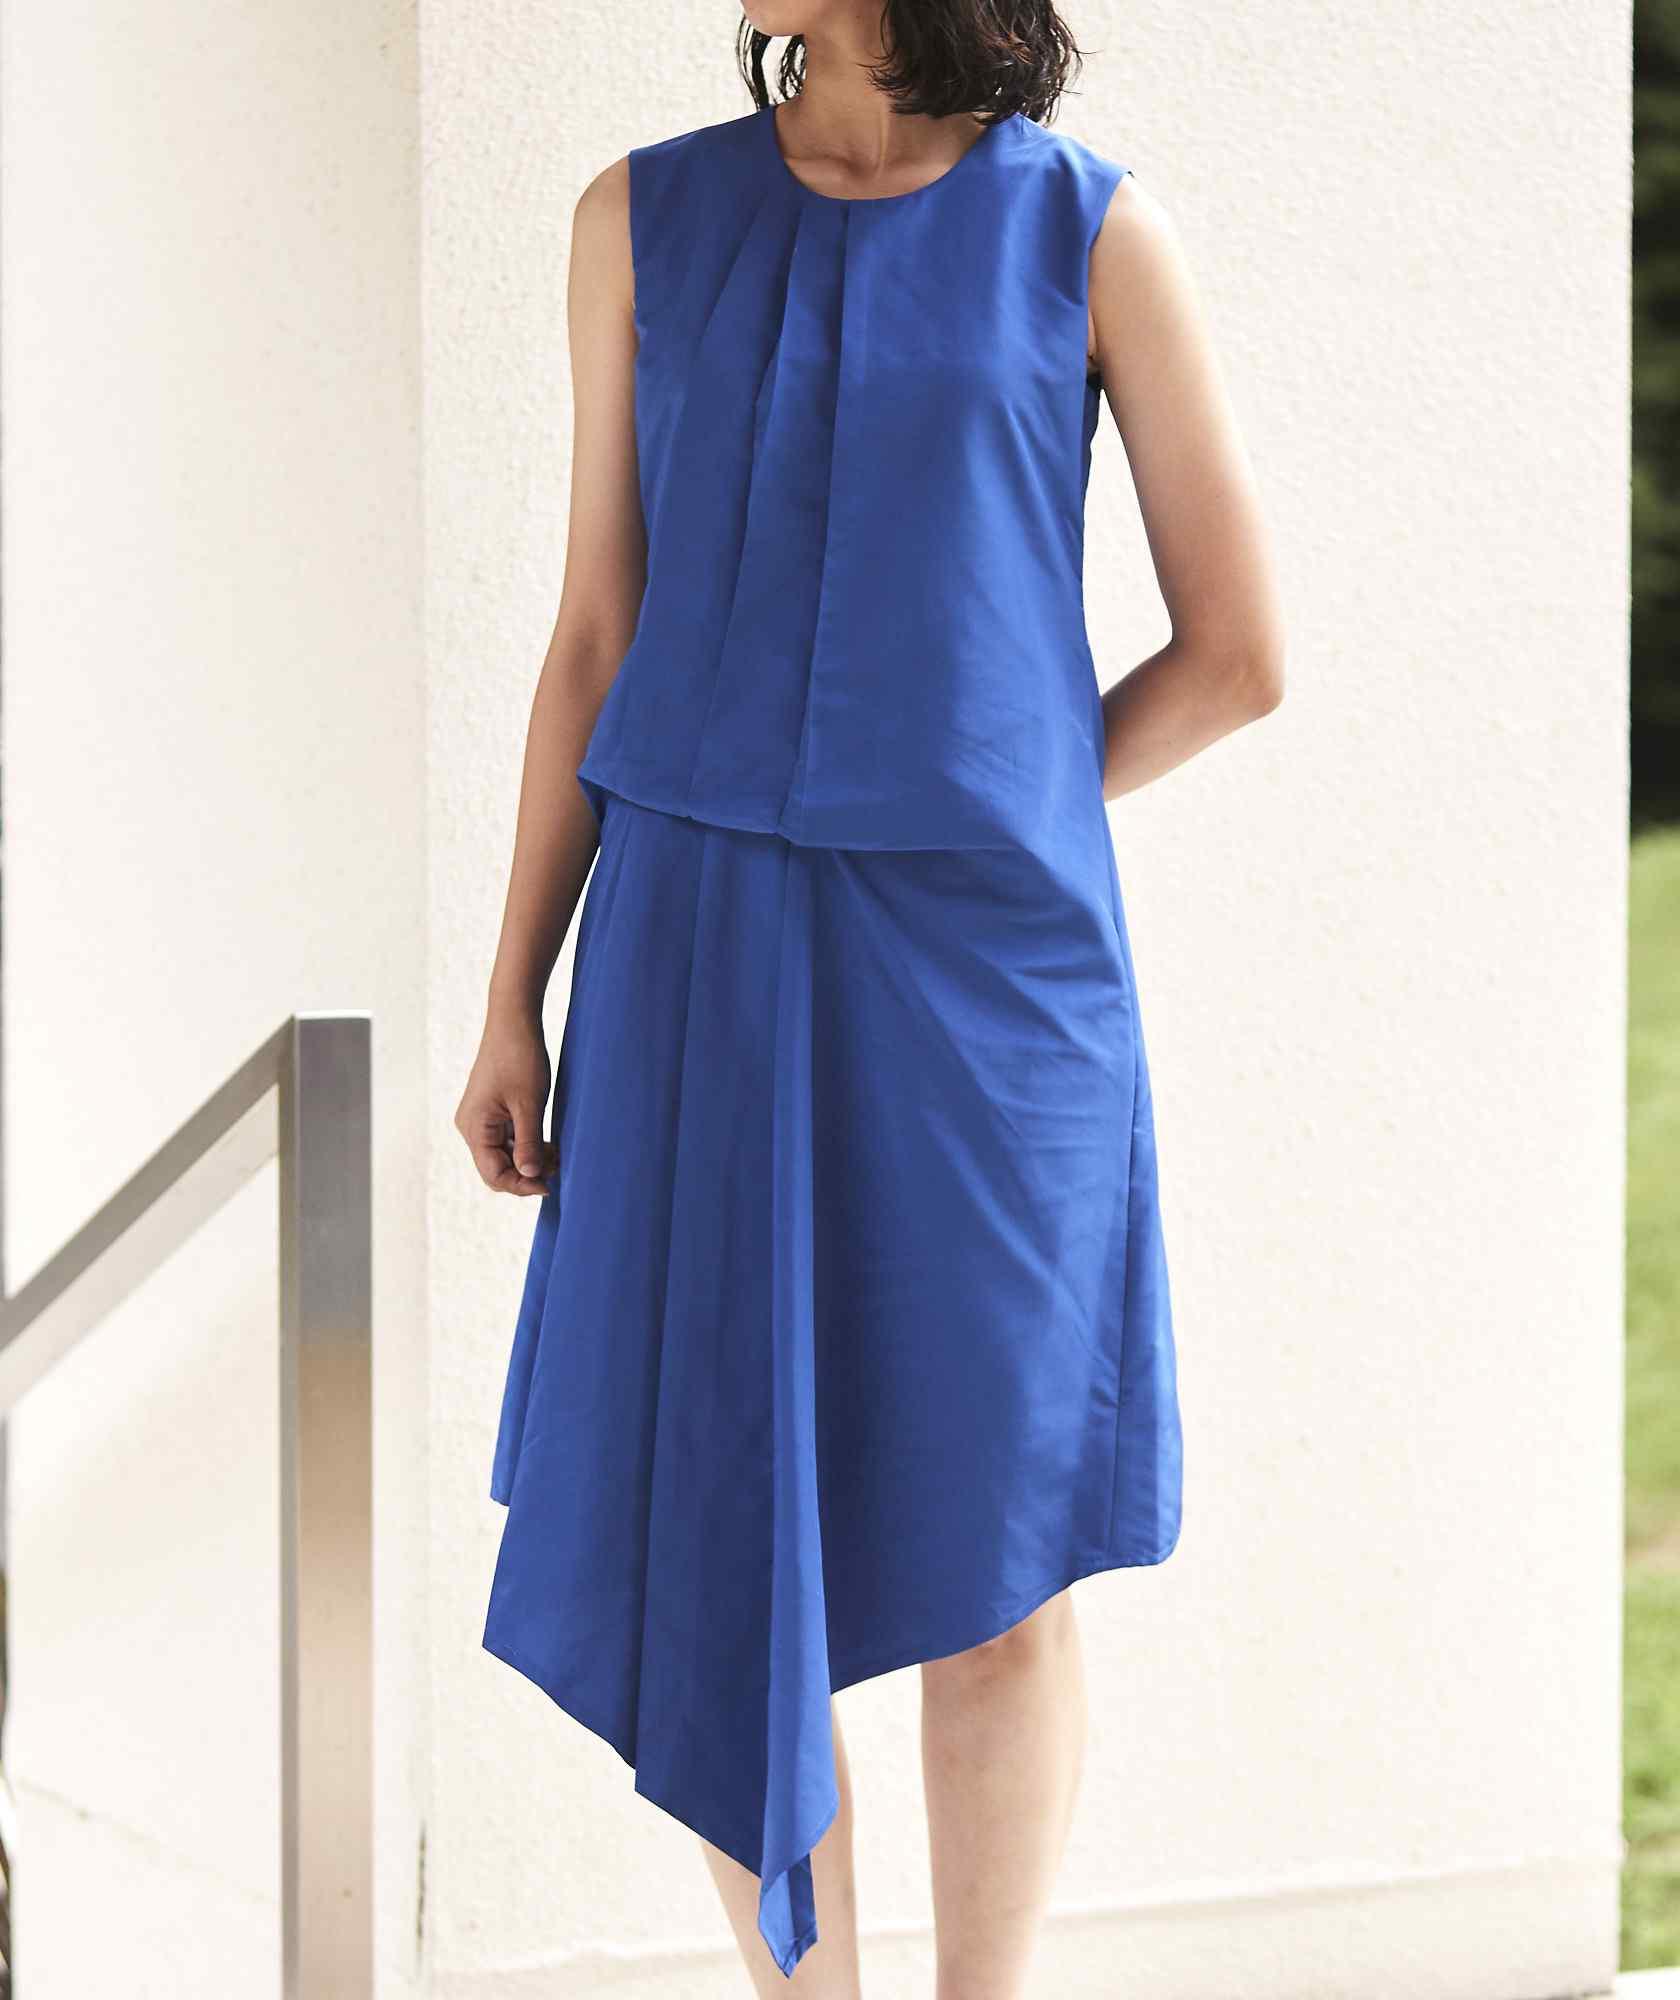 クルーネックデザイントップOGAラインミディアムドレス-ブルー-S